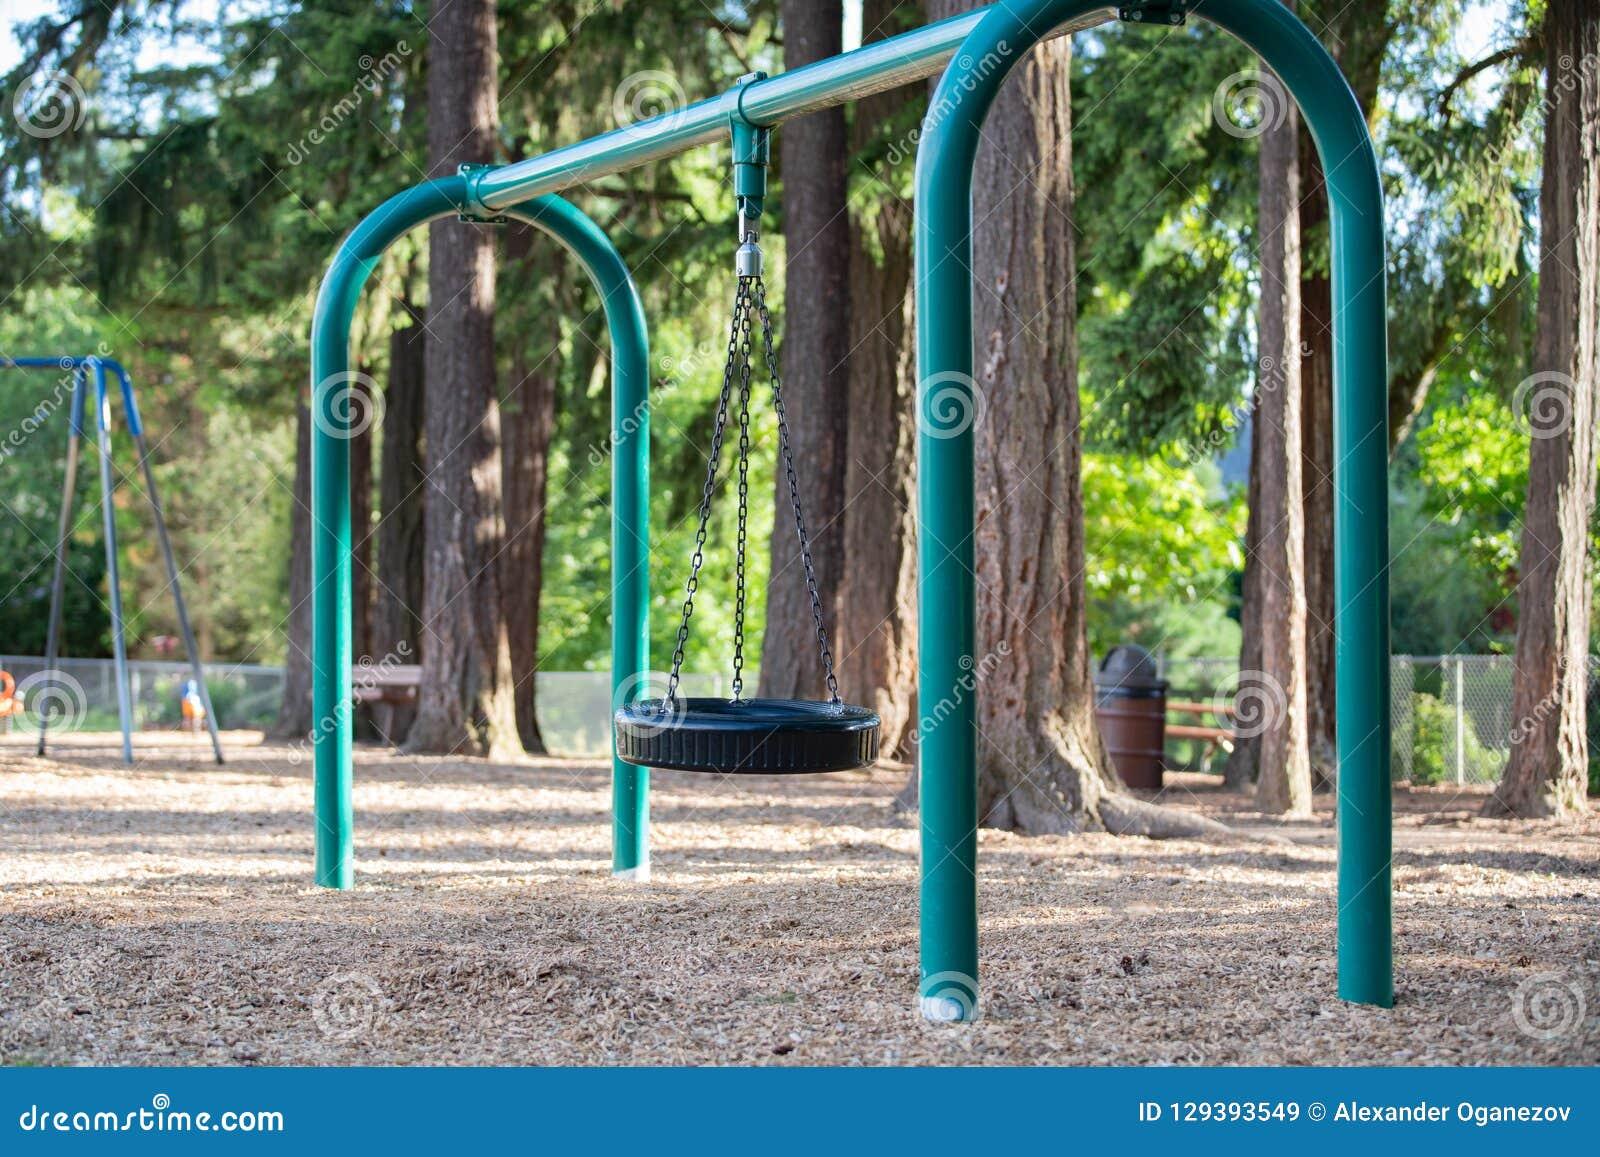 Opony huśtawka dla dzieciaków na boisku